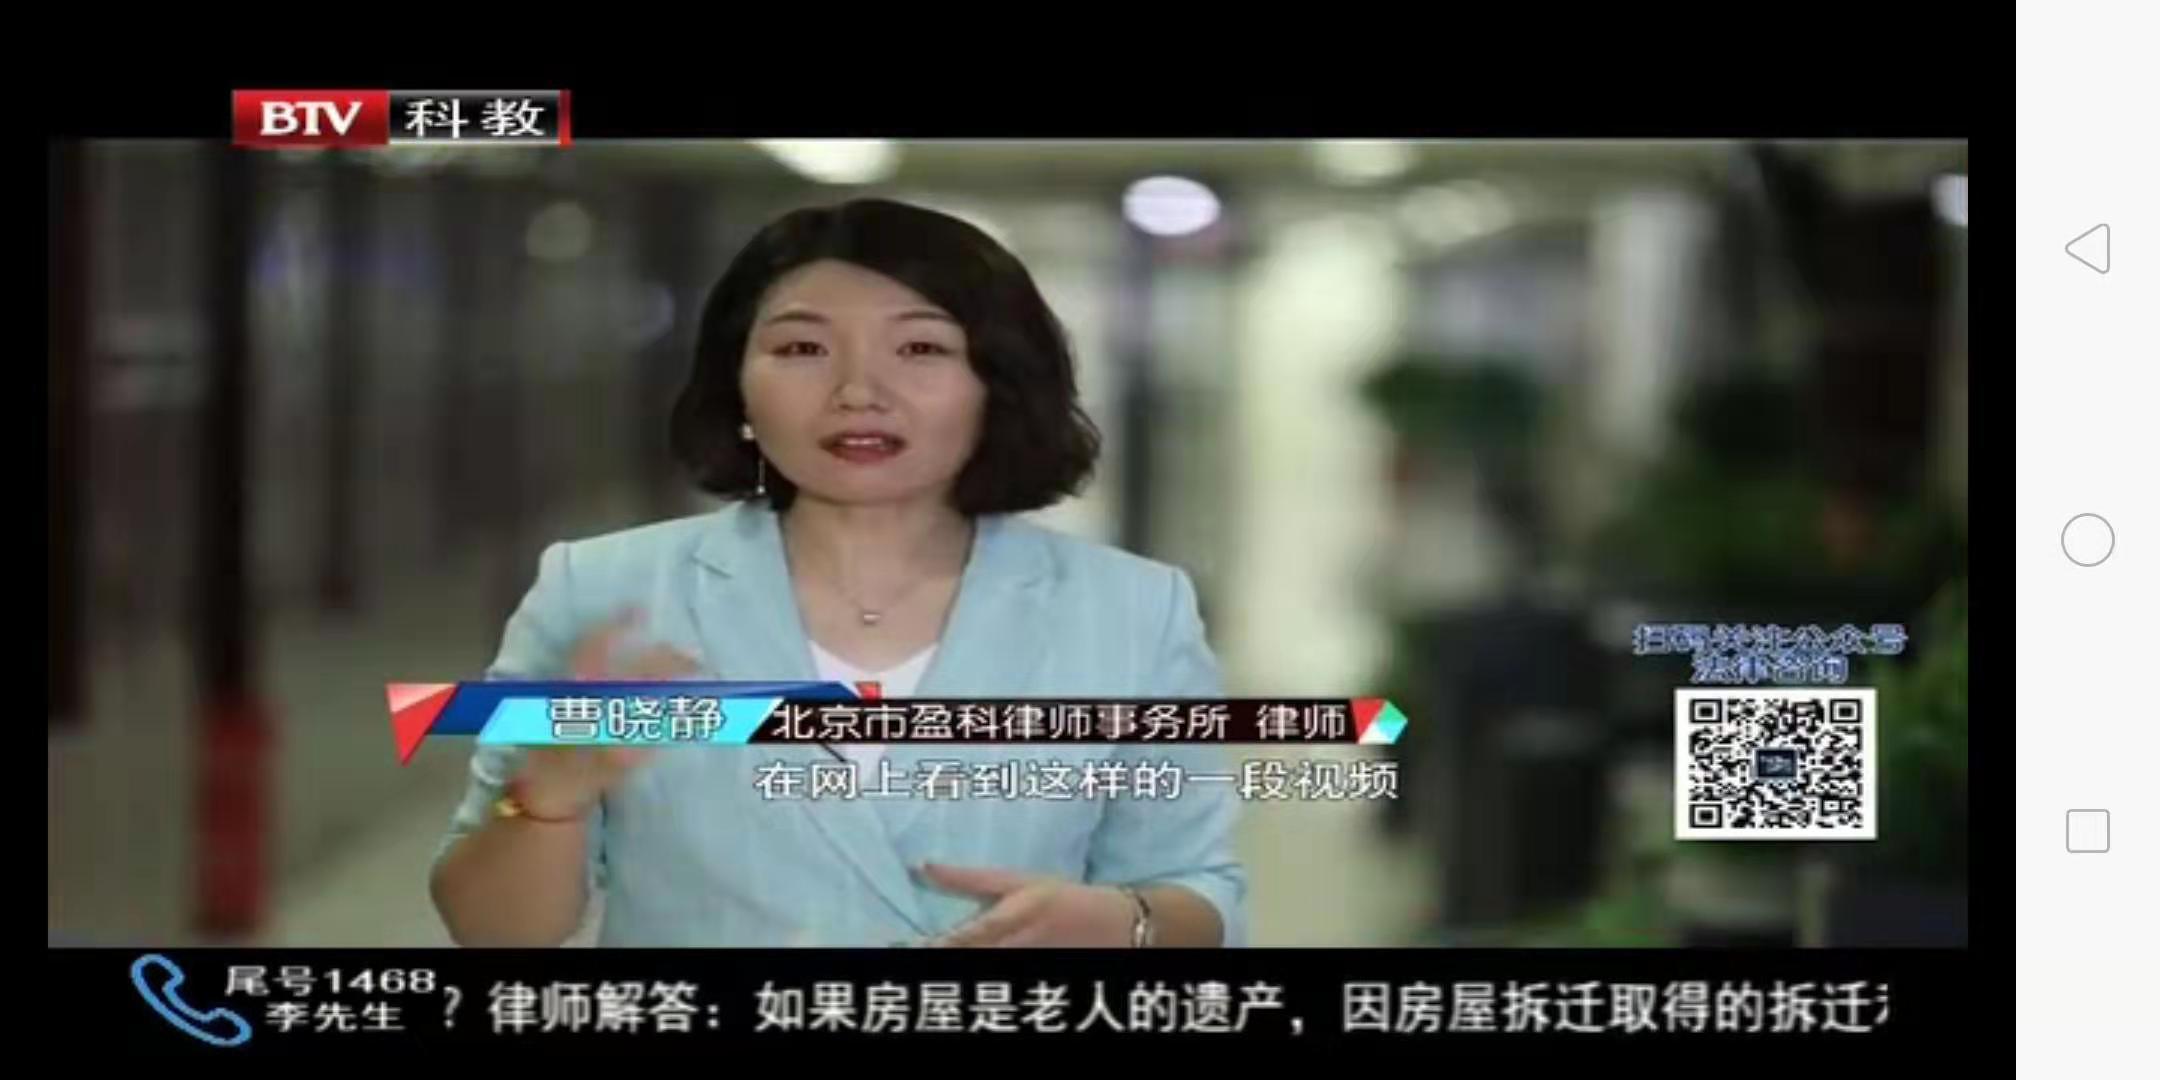 曹晓静律师团队代理房产纠纷,要回借给亲戚住的房子